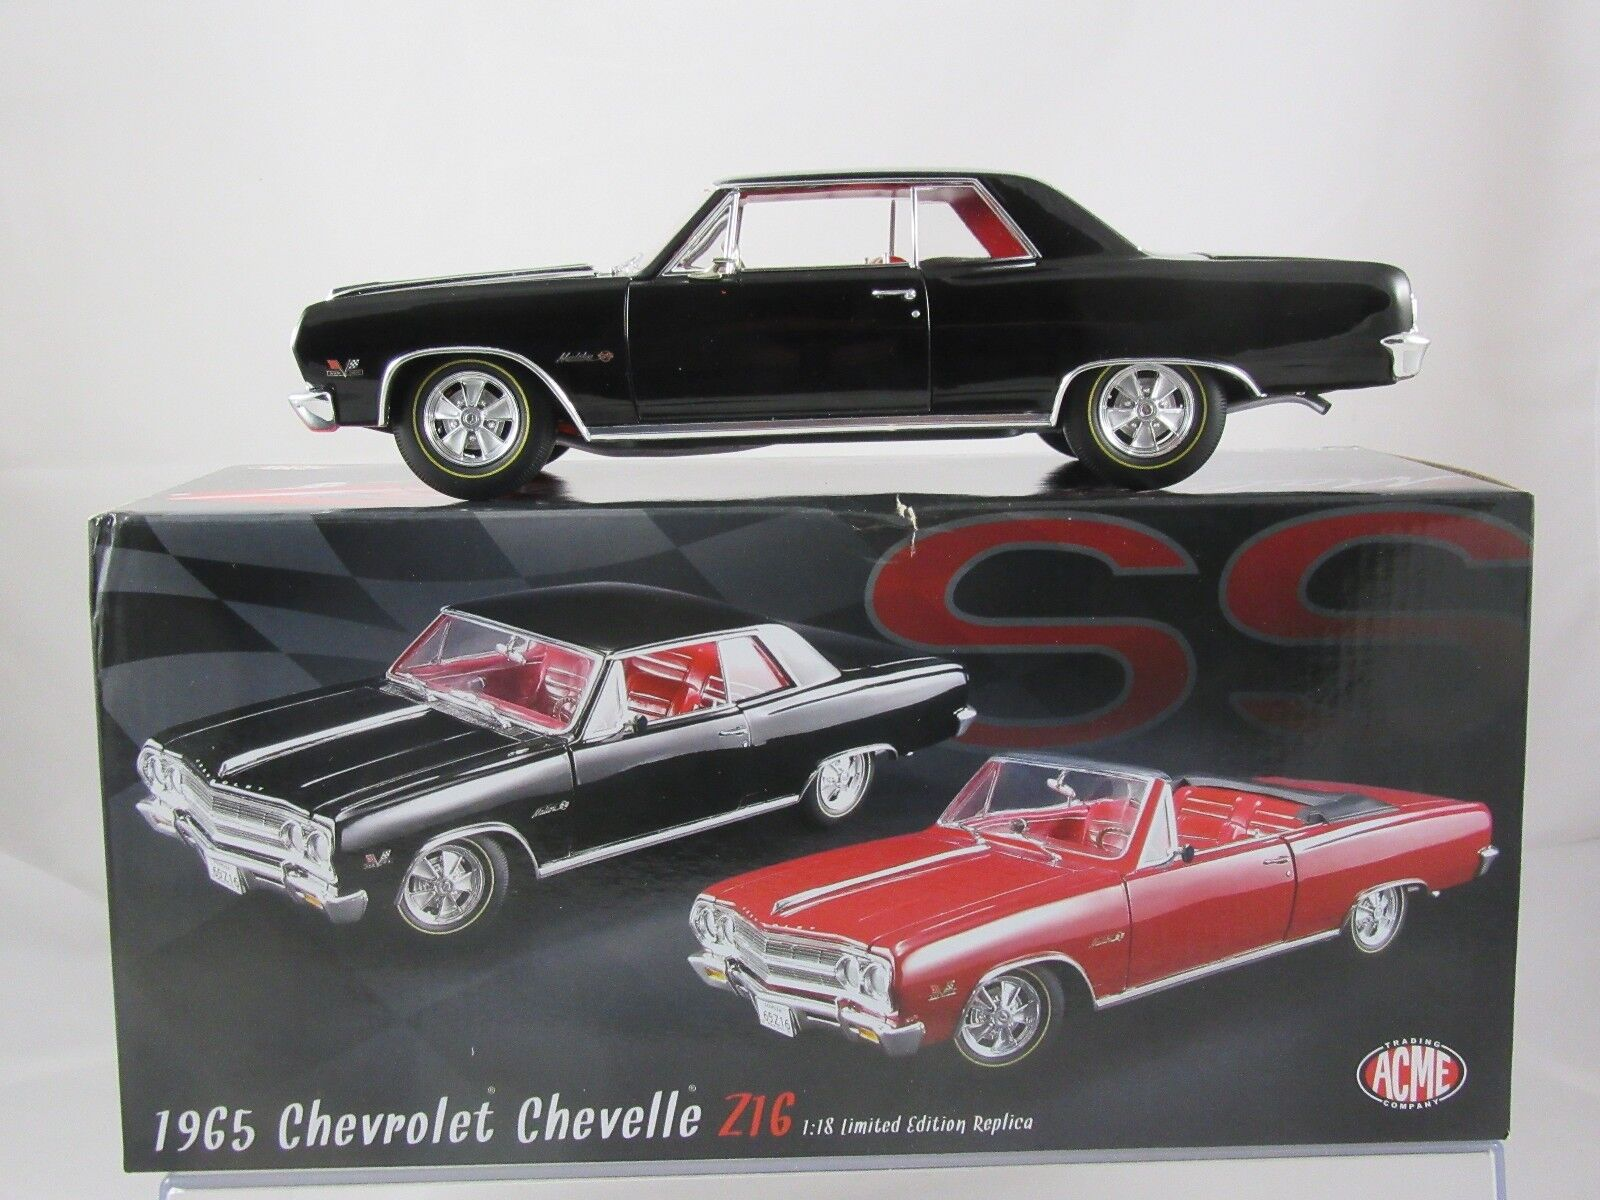 Acme 1965 Chevrolet Chevelle Z16 nero Hardsuperiore A1805301